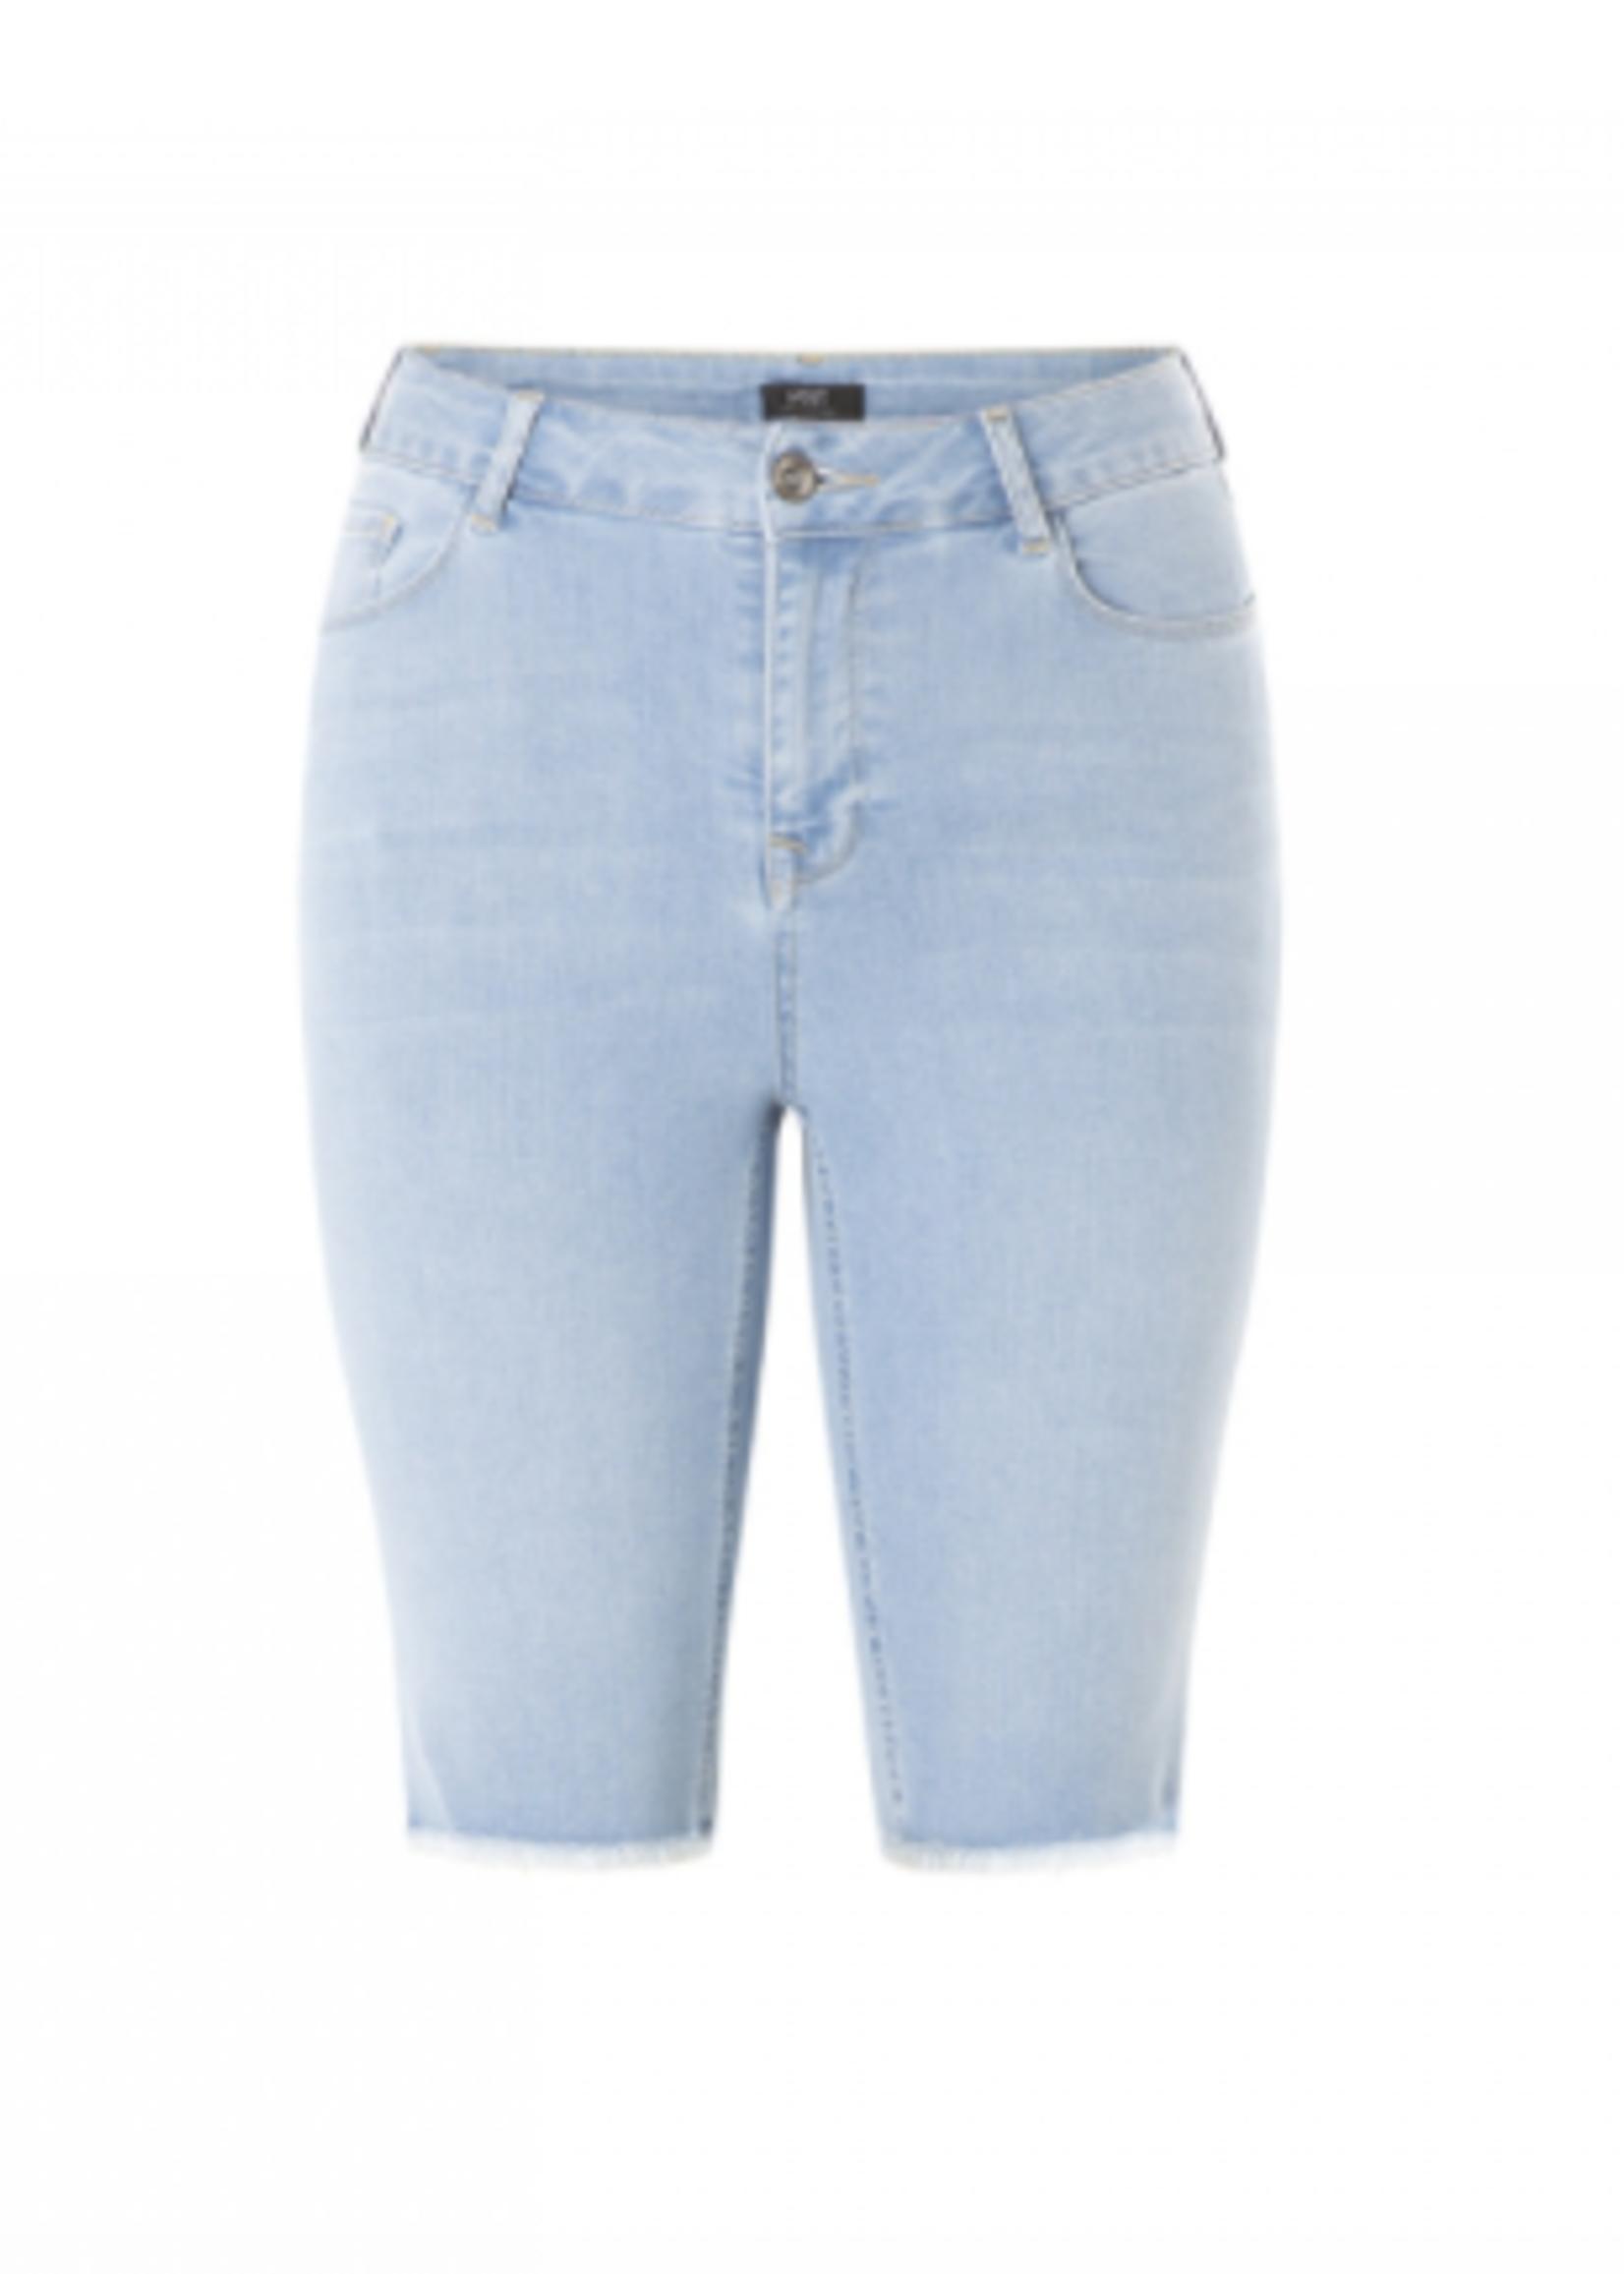 Yest Yest Denim Shorts